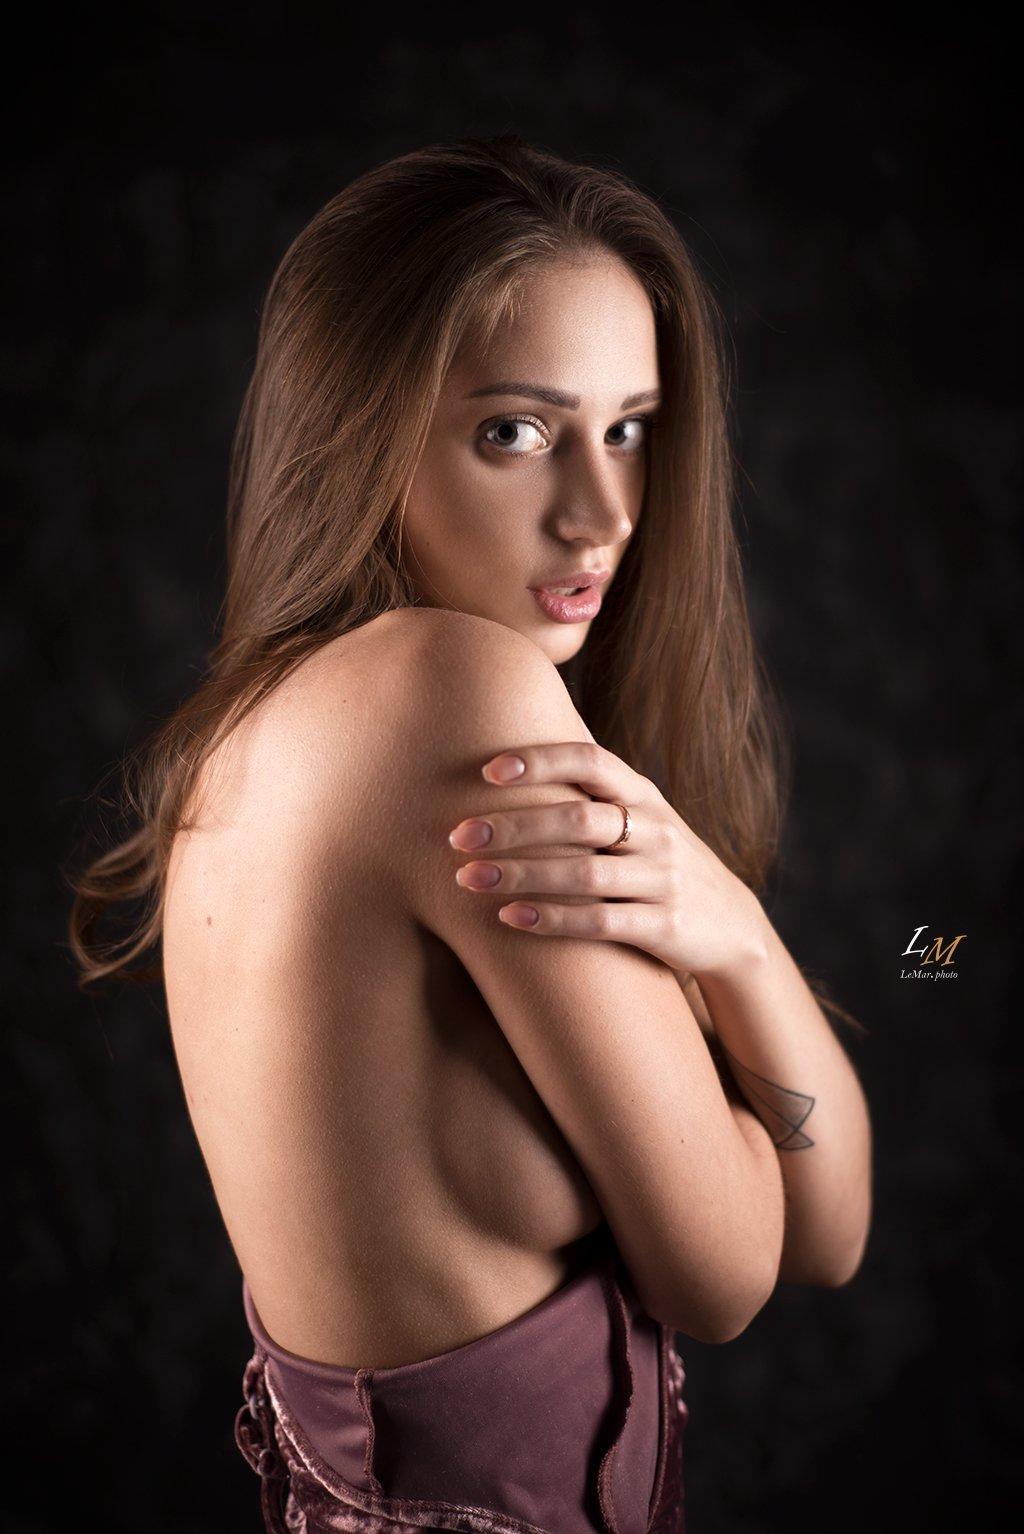 портрет, девушка, студия, фотограф москва, портретный фотограф, москва, Маркачев Леонид